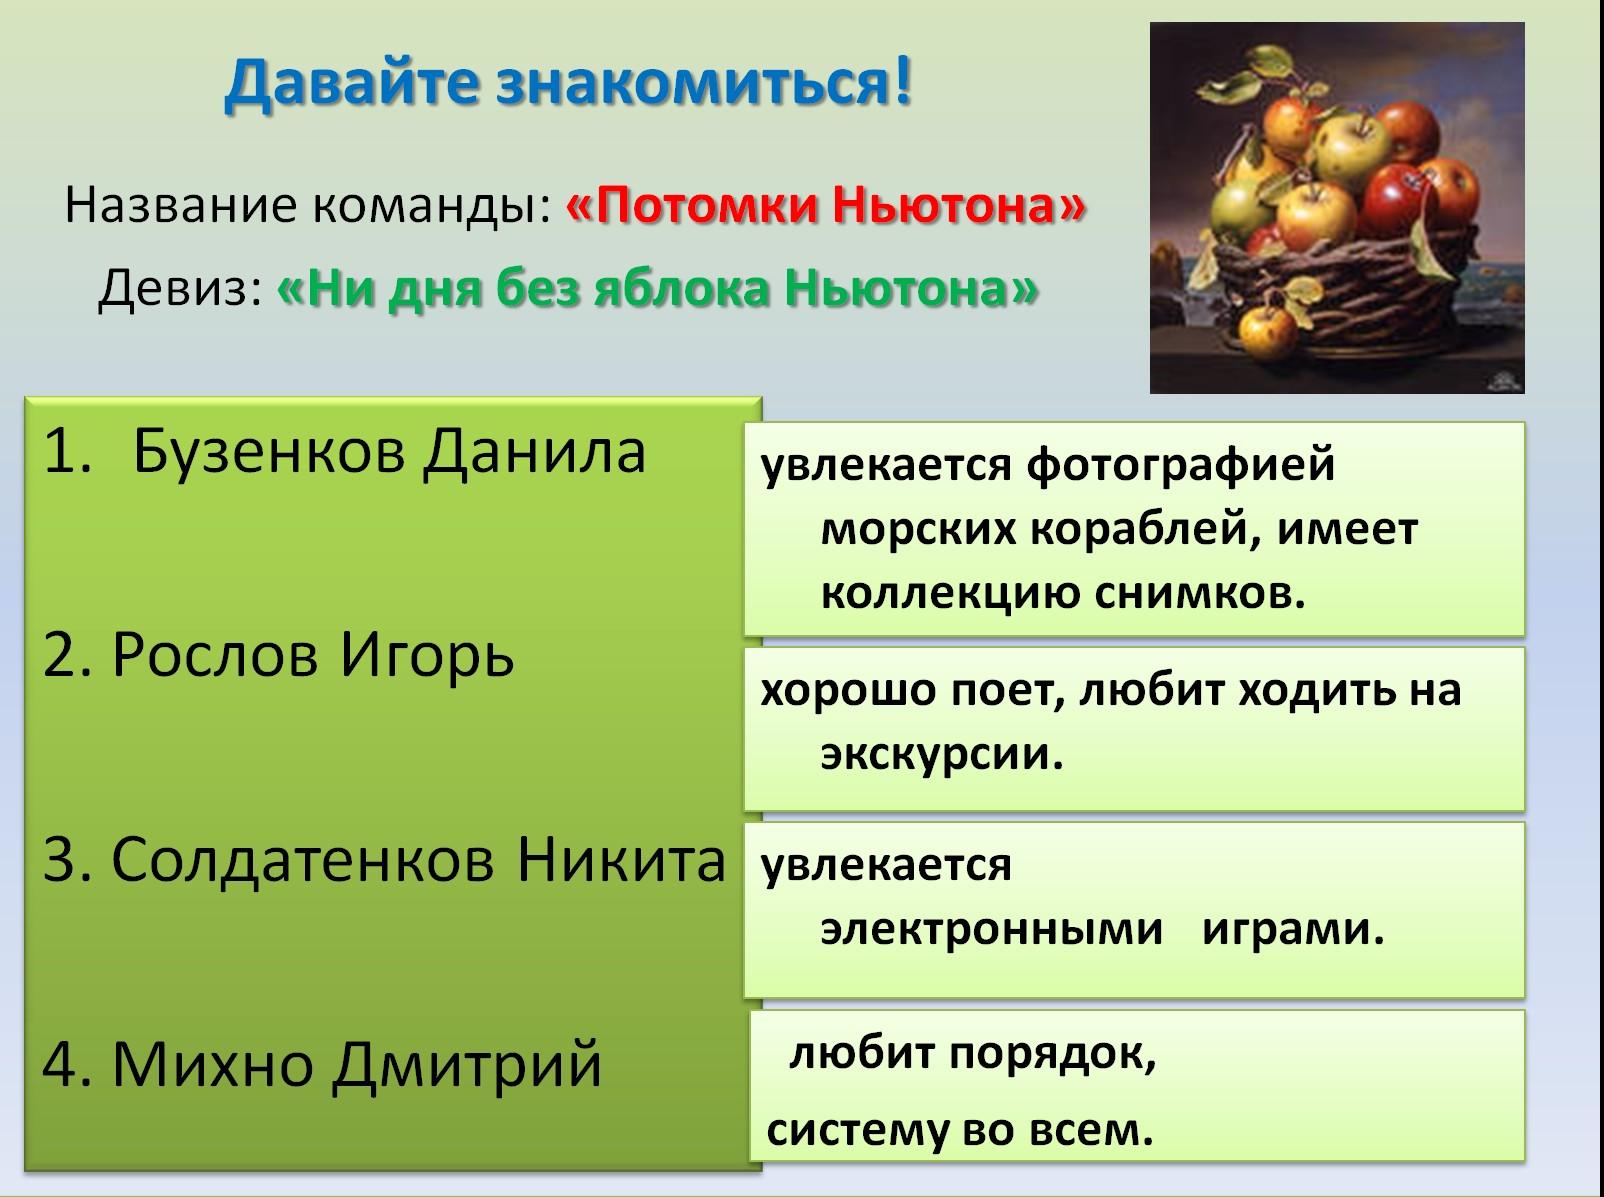 елена хохлова чебоксары диетолог